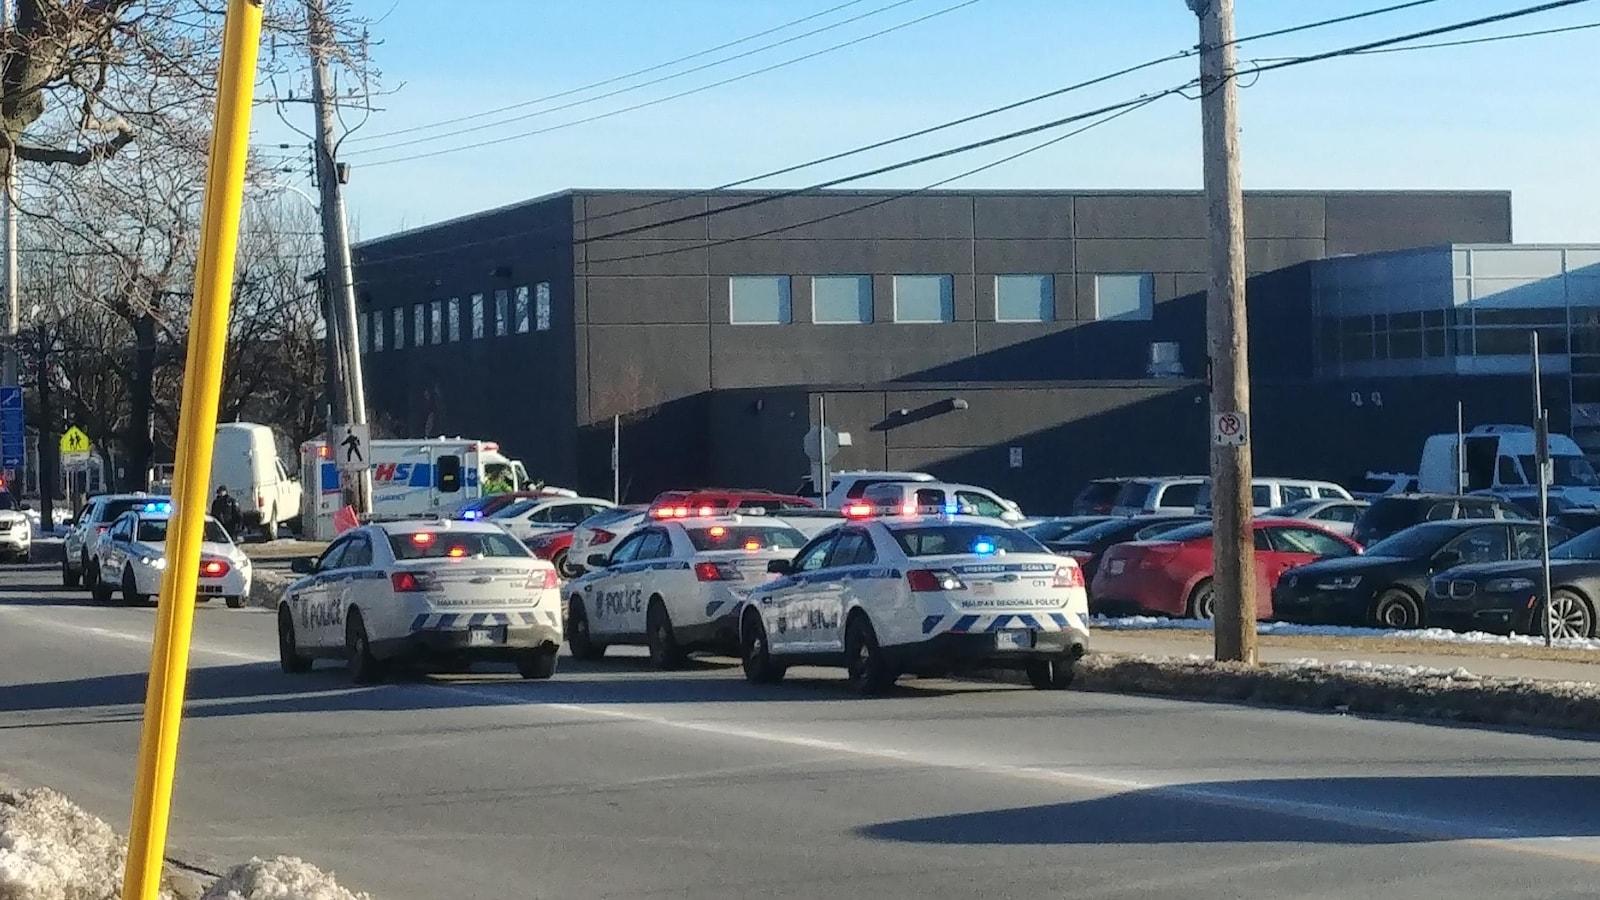 Déploiement policier à l'école secondaire Dartmouth High, le 20 février 2019.